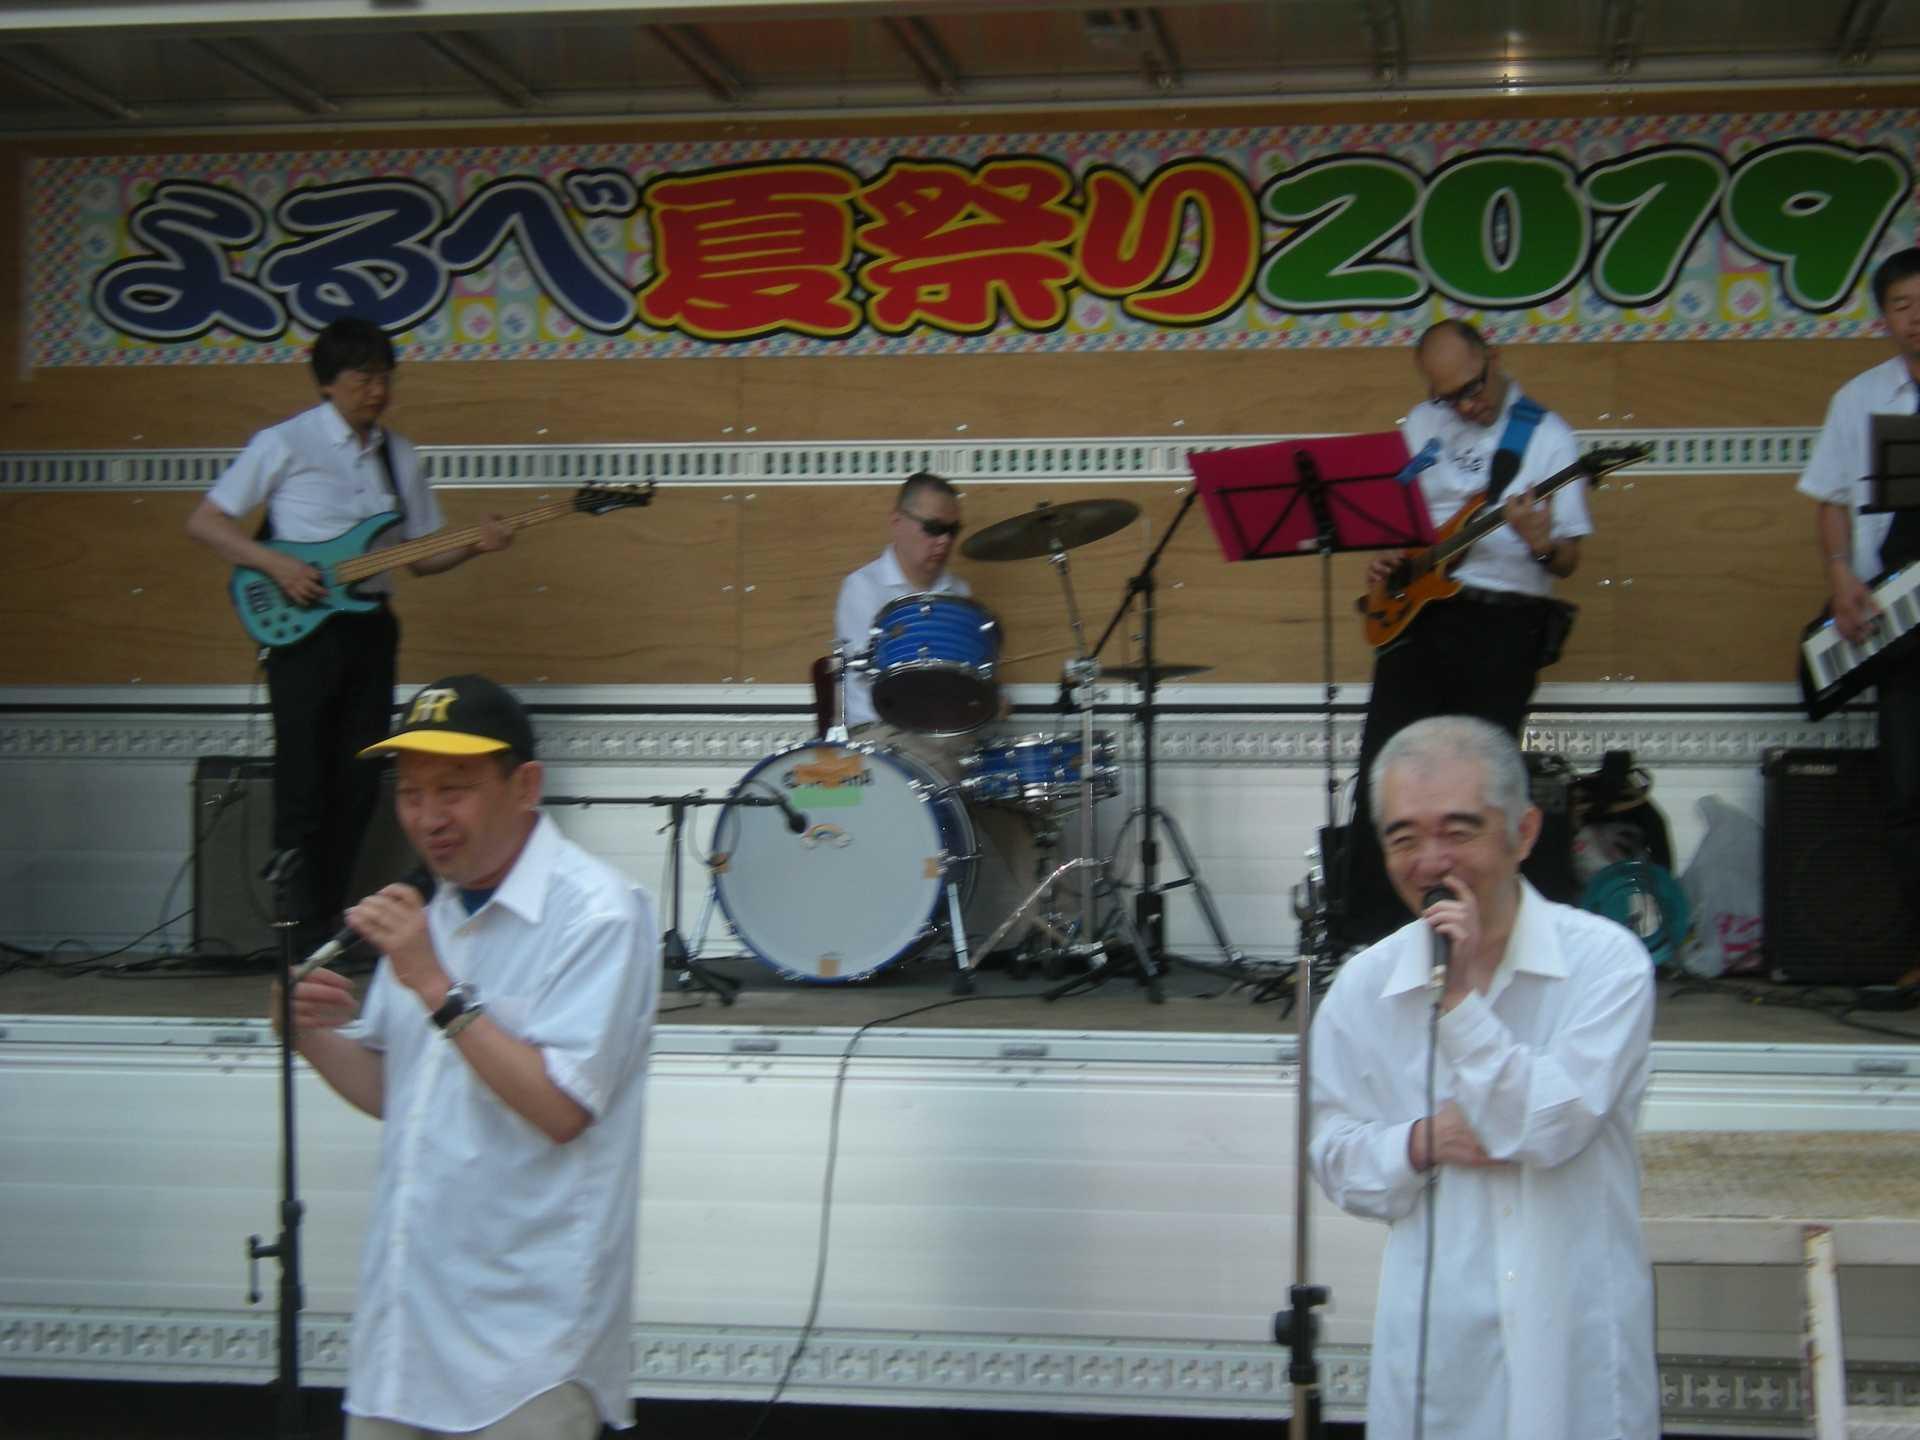 よるべ会さん夏祭り「とびっきりレインボーズ出演!」